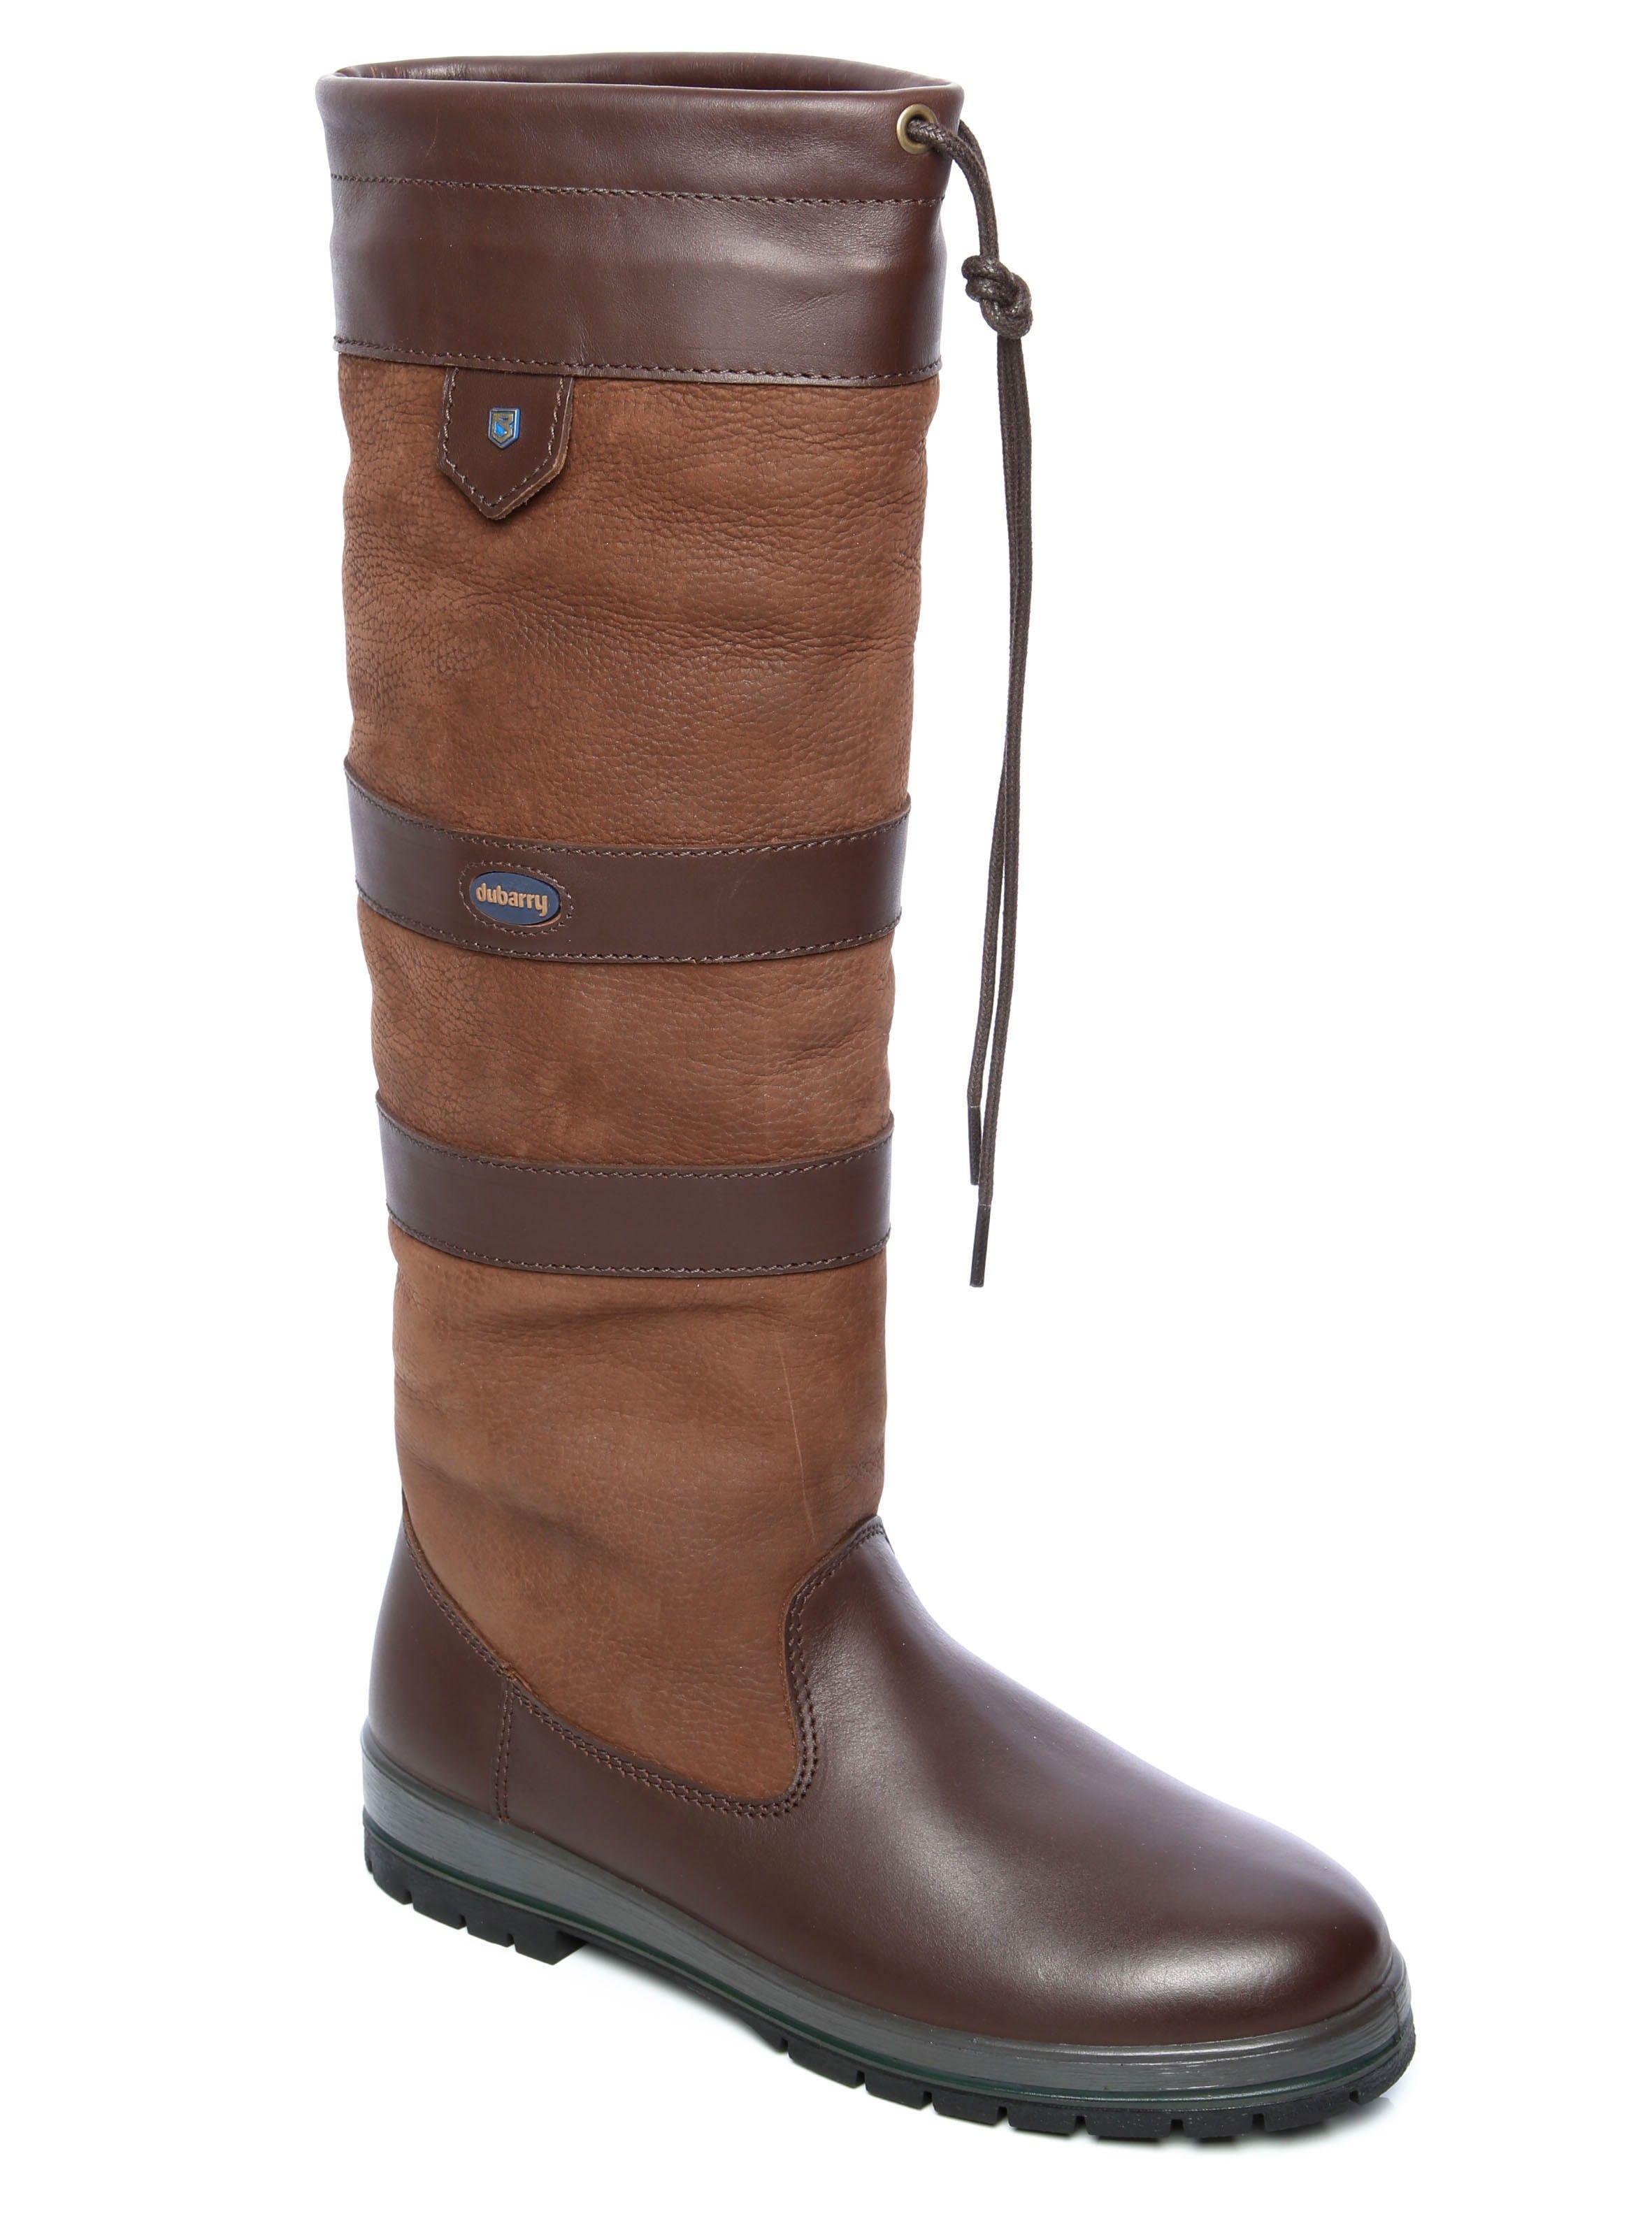 Dubarry Galway Black Brown | Zwarte laarzen outfit, Laars